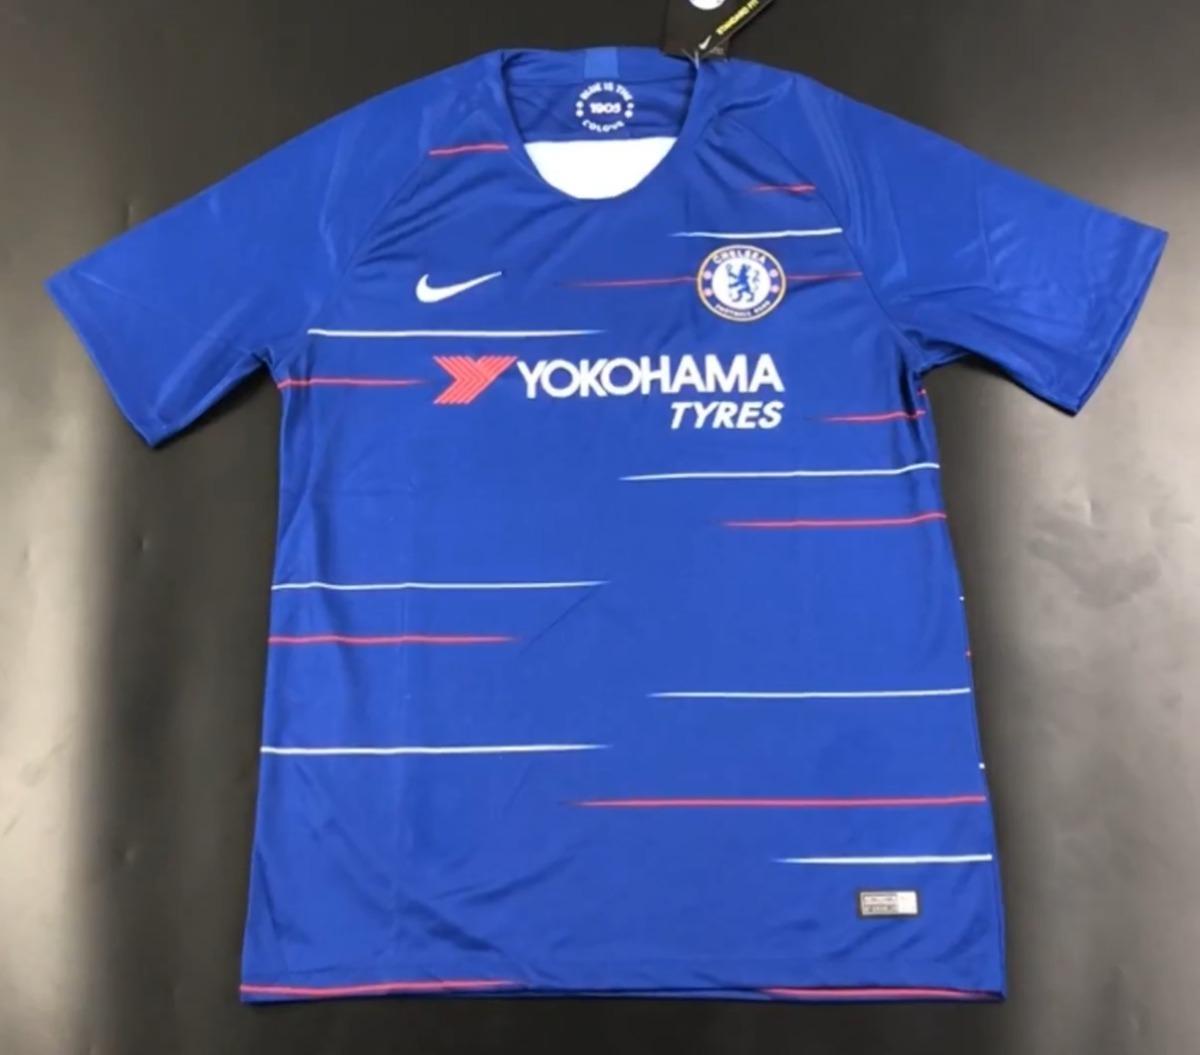 e22b81dfc Camisa Chelsea Nike 2018-2019 Nova Temporada - Frete Gratis - R  160 ...